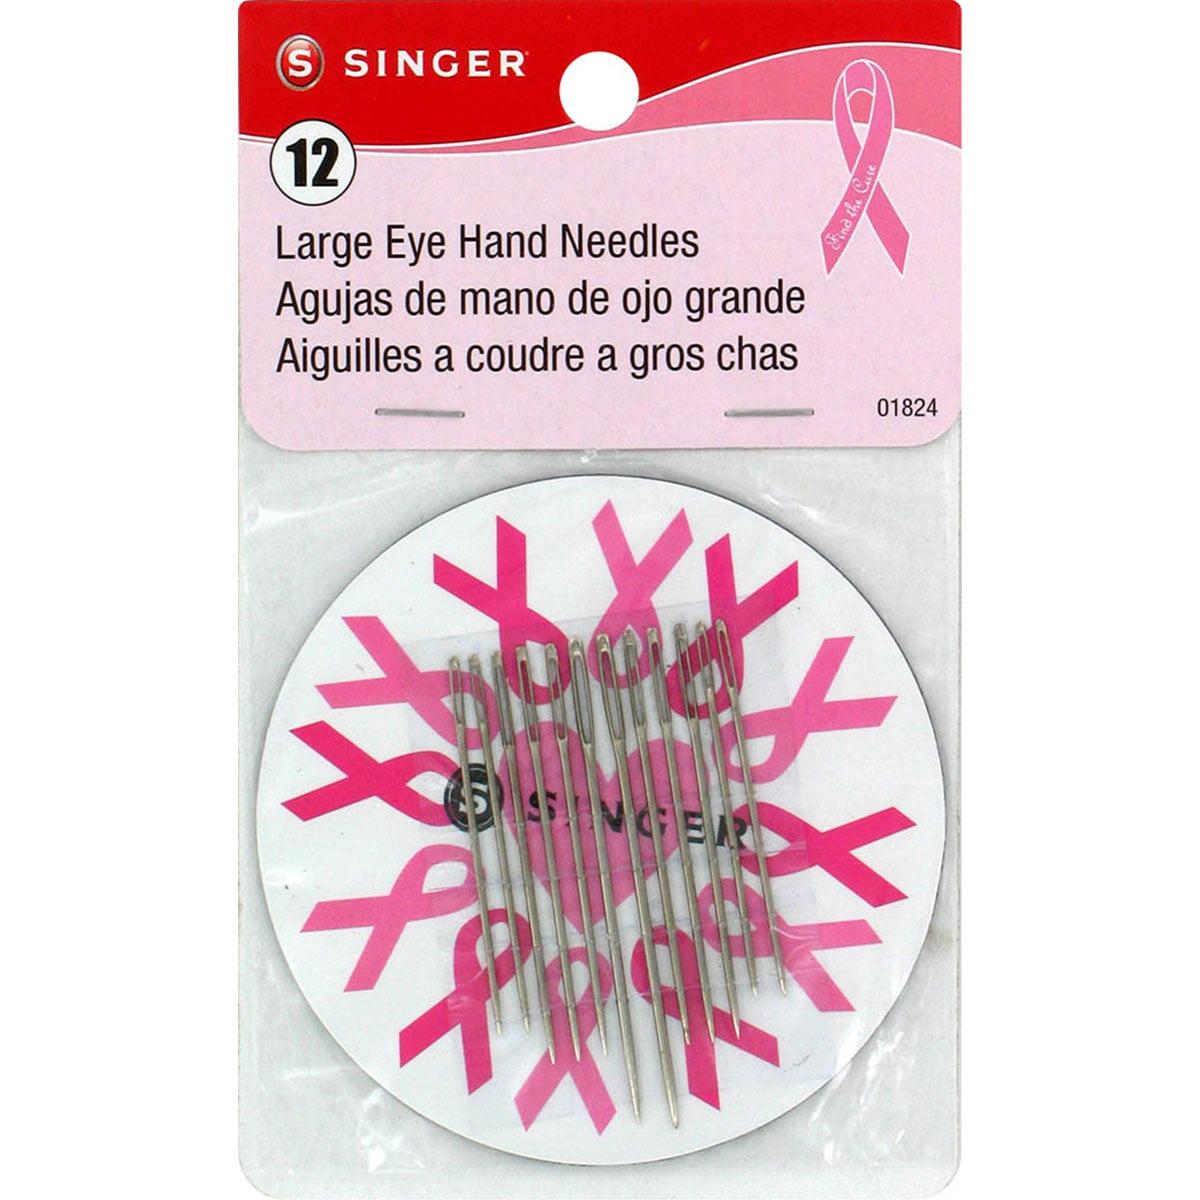 Singer Large Eye Hand Needles W/Magnet-Assorted 12/Pkg